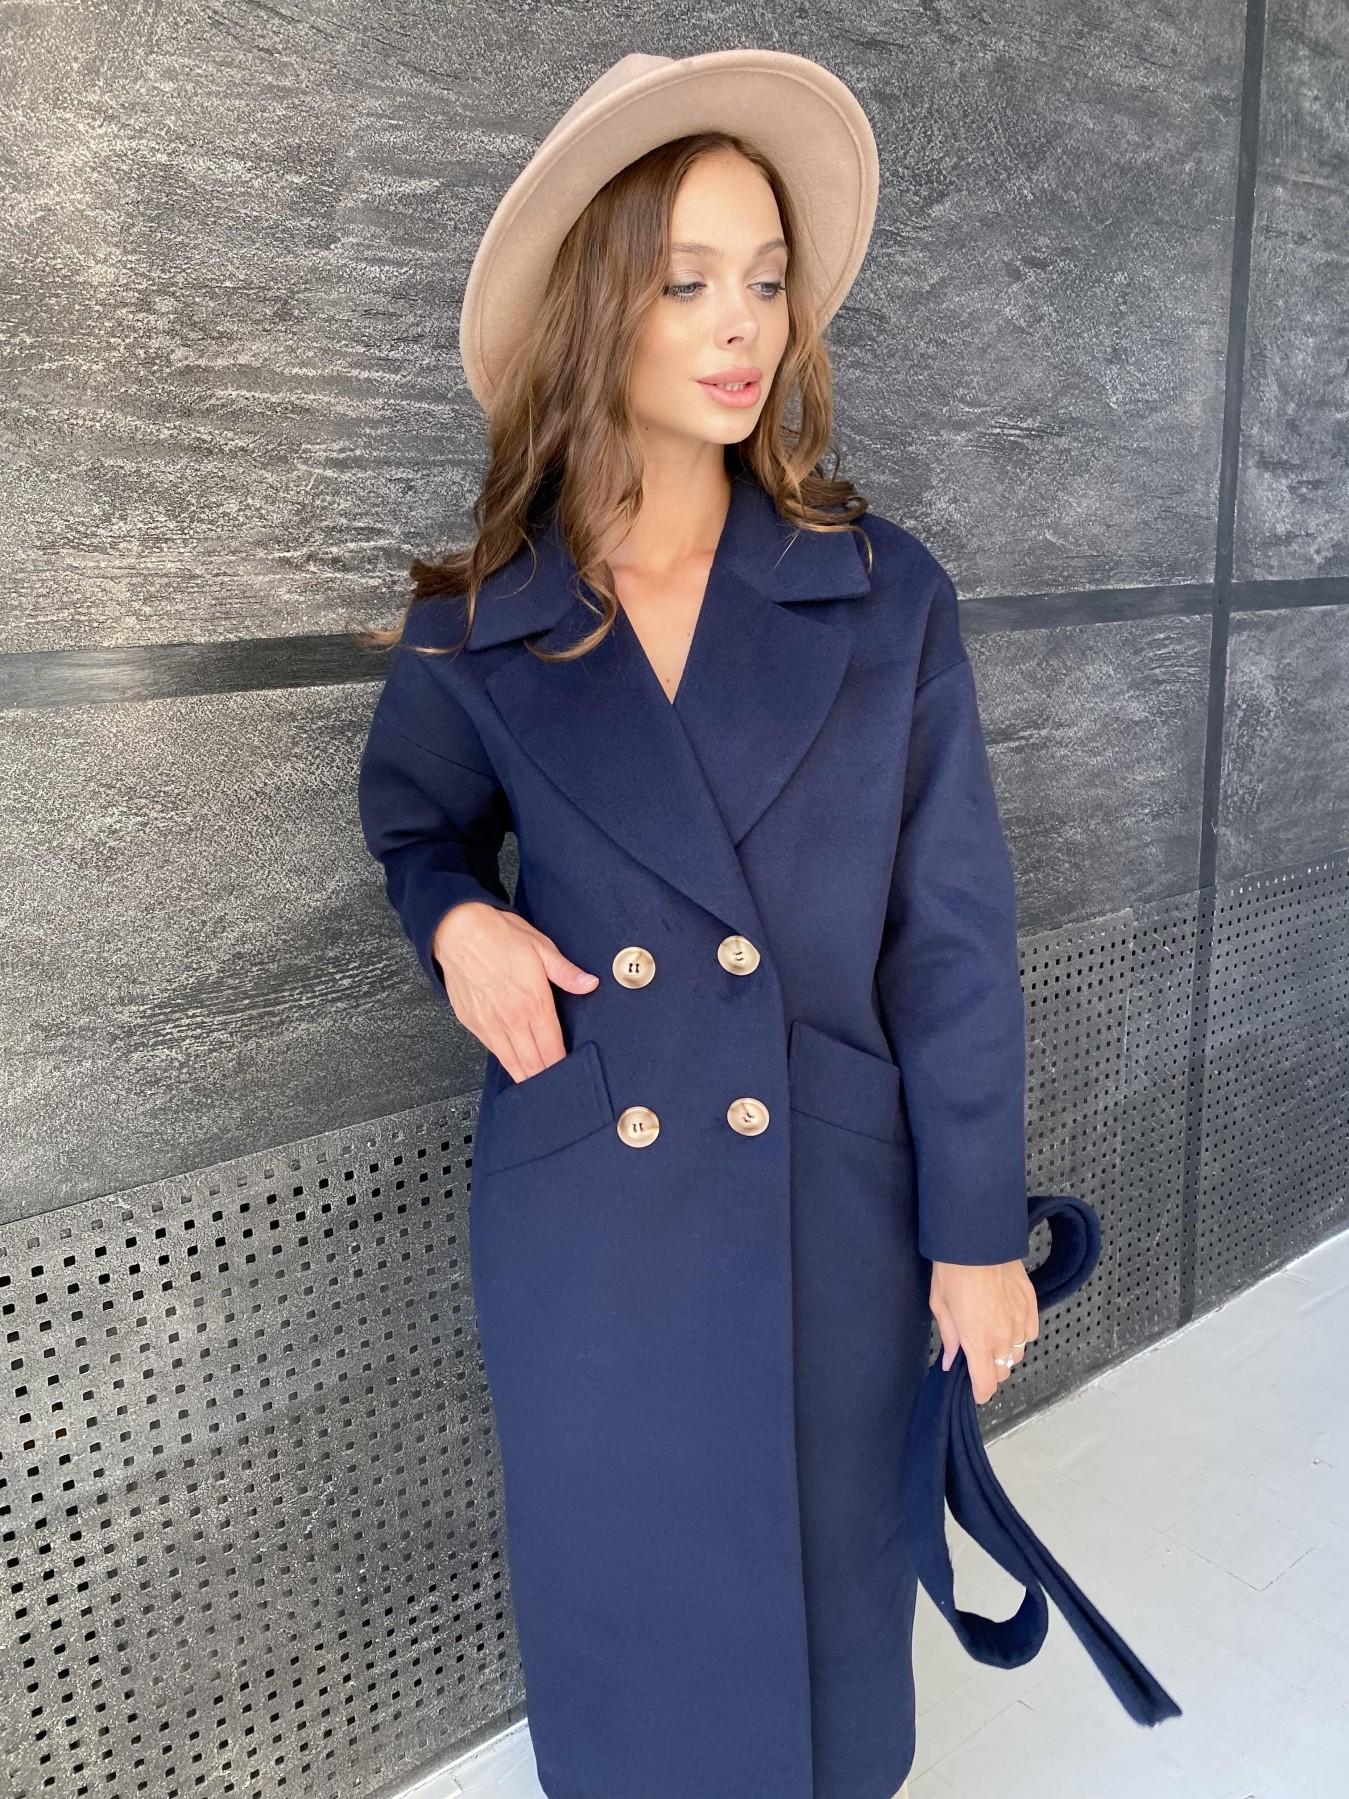 Сенсей пальто макси из кашемира   10309 АРТ. 48360 Цвет: Т.синий - фото 1, интернет магазин tm-modus.ru